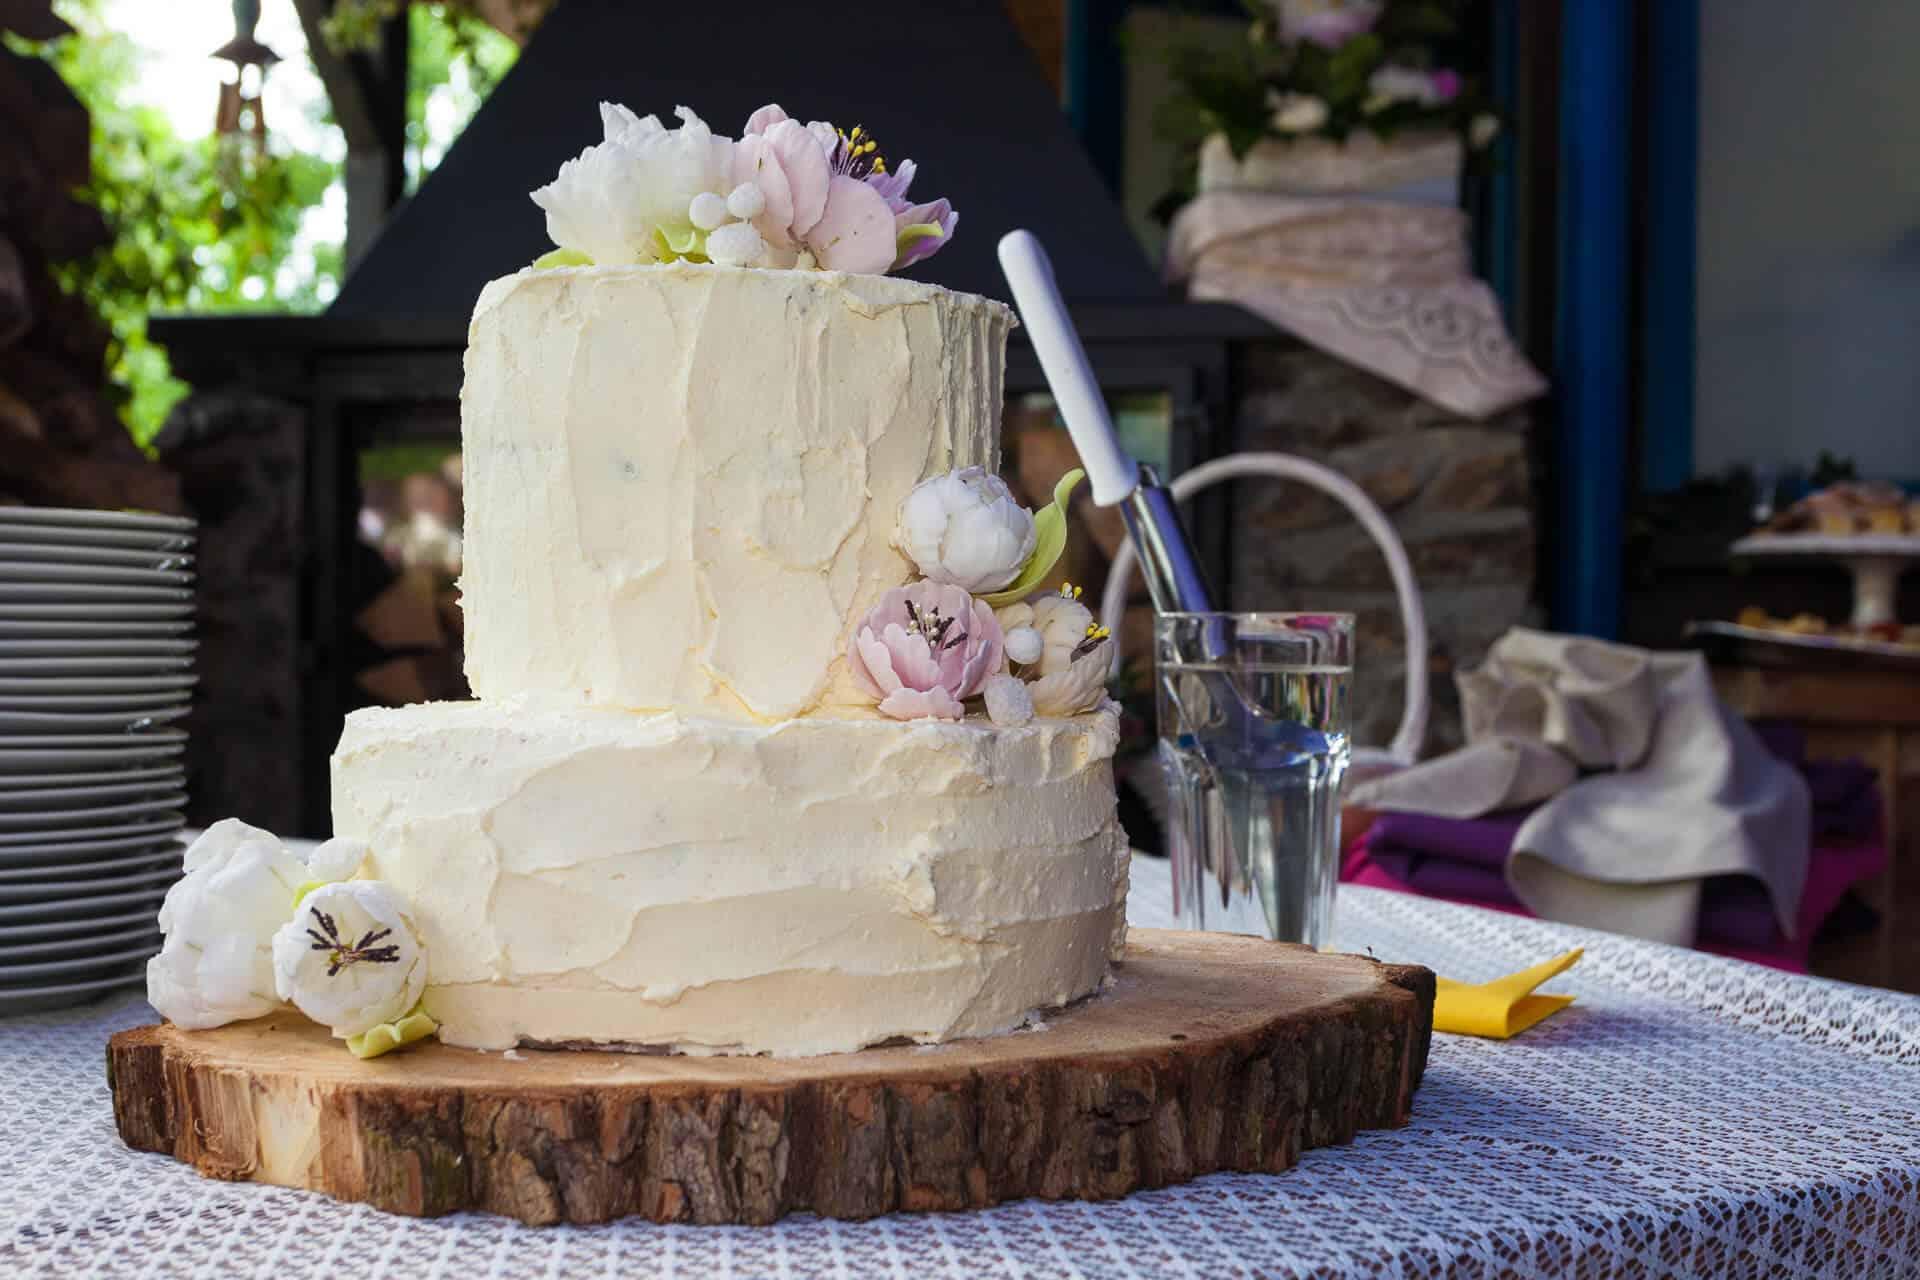 Svatební dort z cukrárny Hliněná bašta